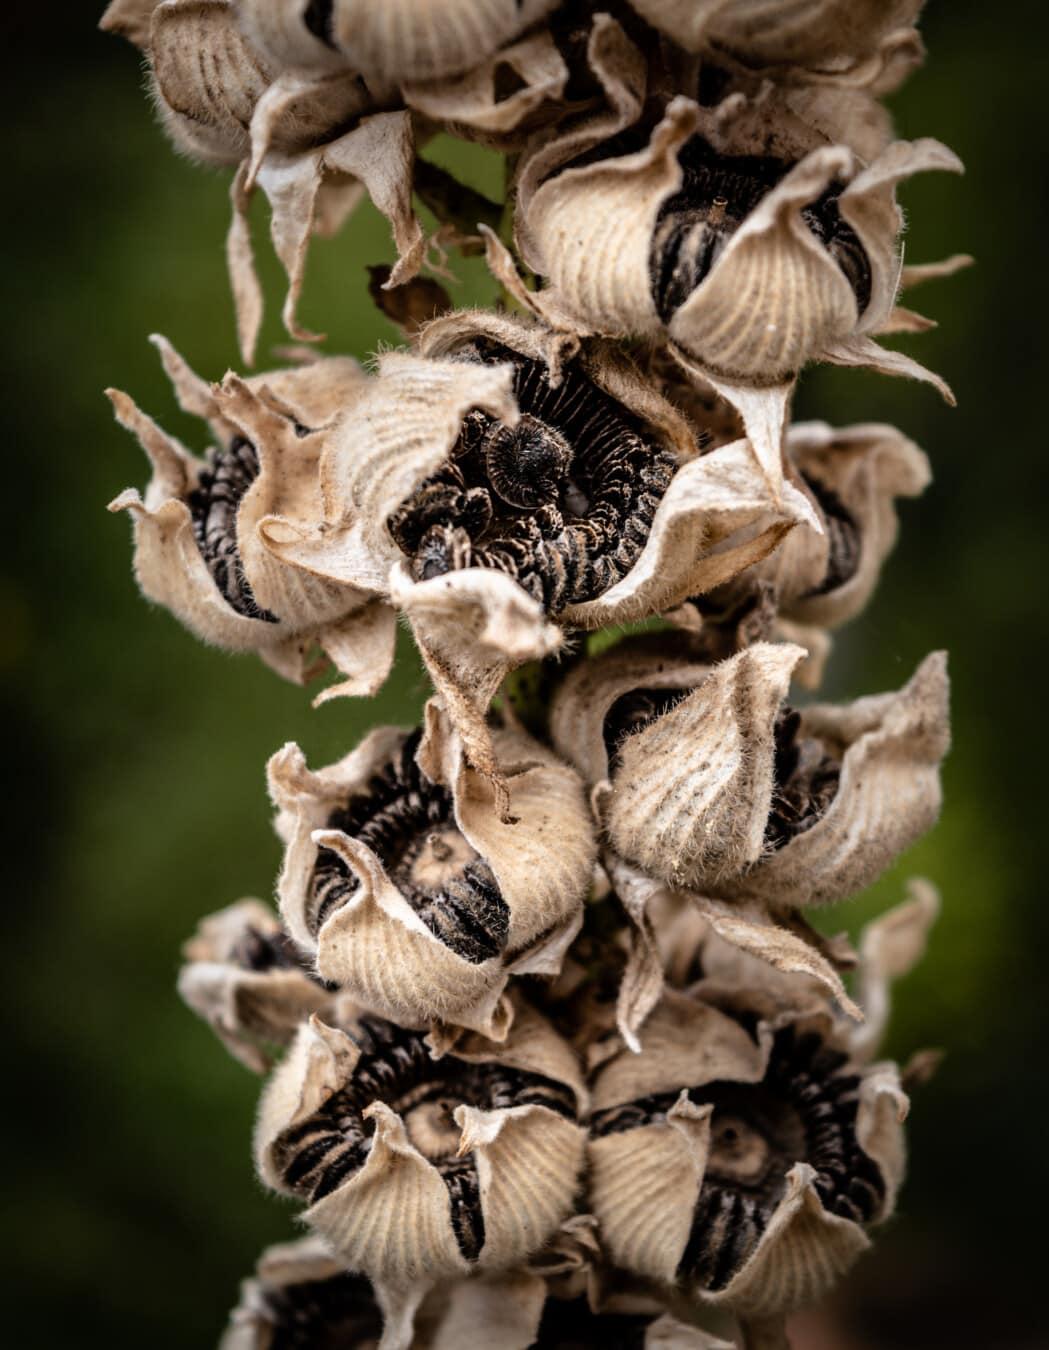 Samen, aus nächster Nähe, Blume, Trockenzeit, Gartenbau, Biologie, Botanik, Anlage, Braun, Detail